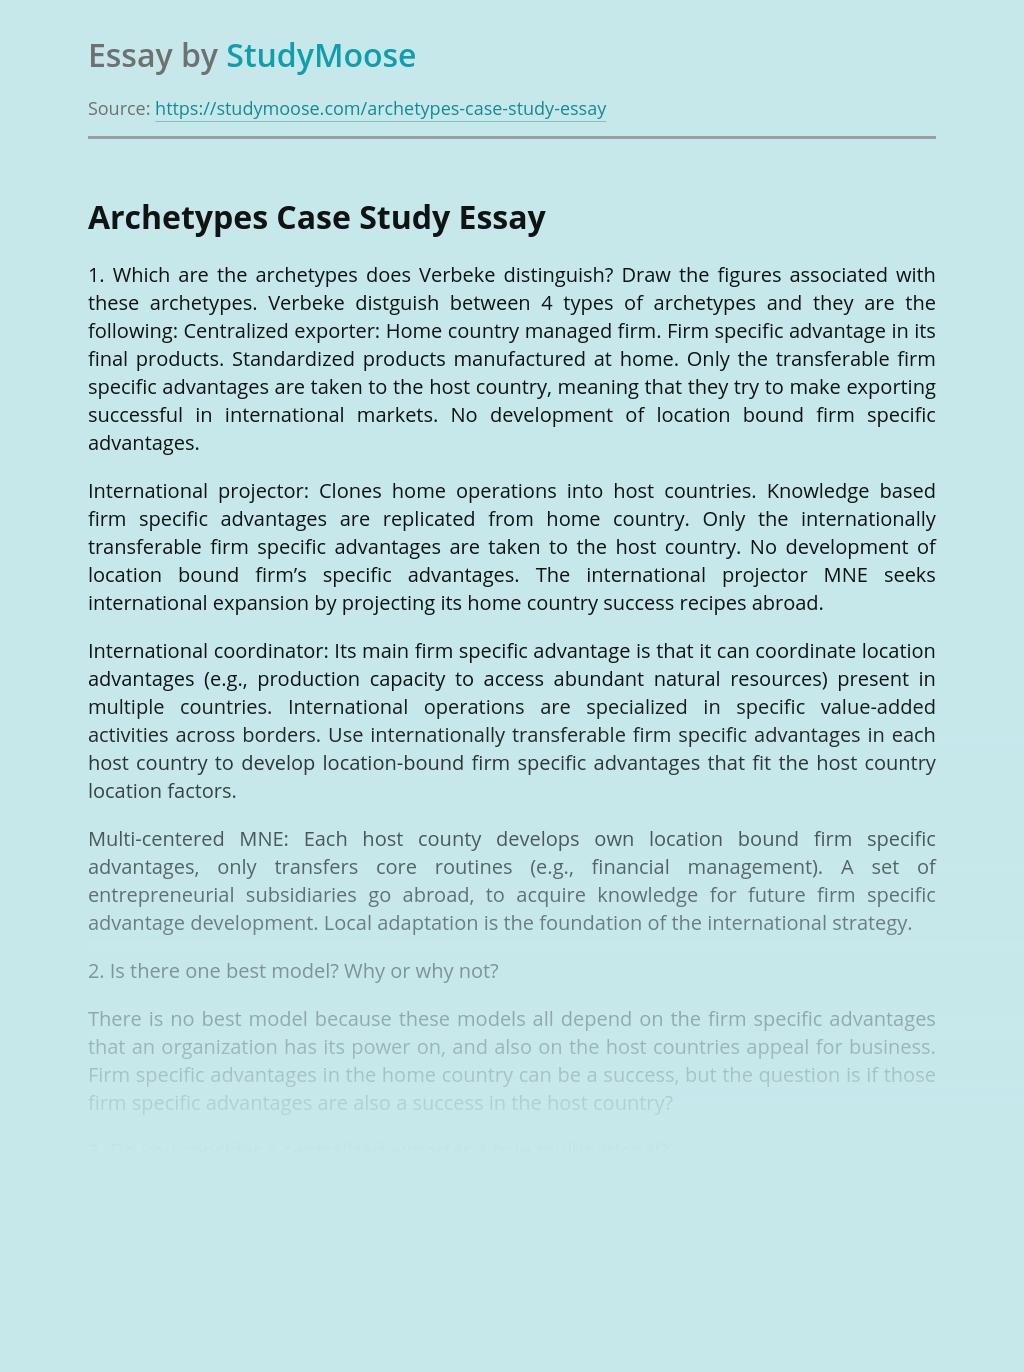 Archetypes Case Study